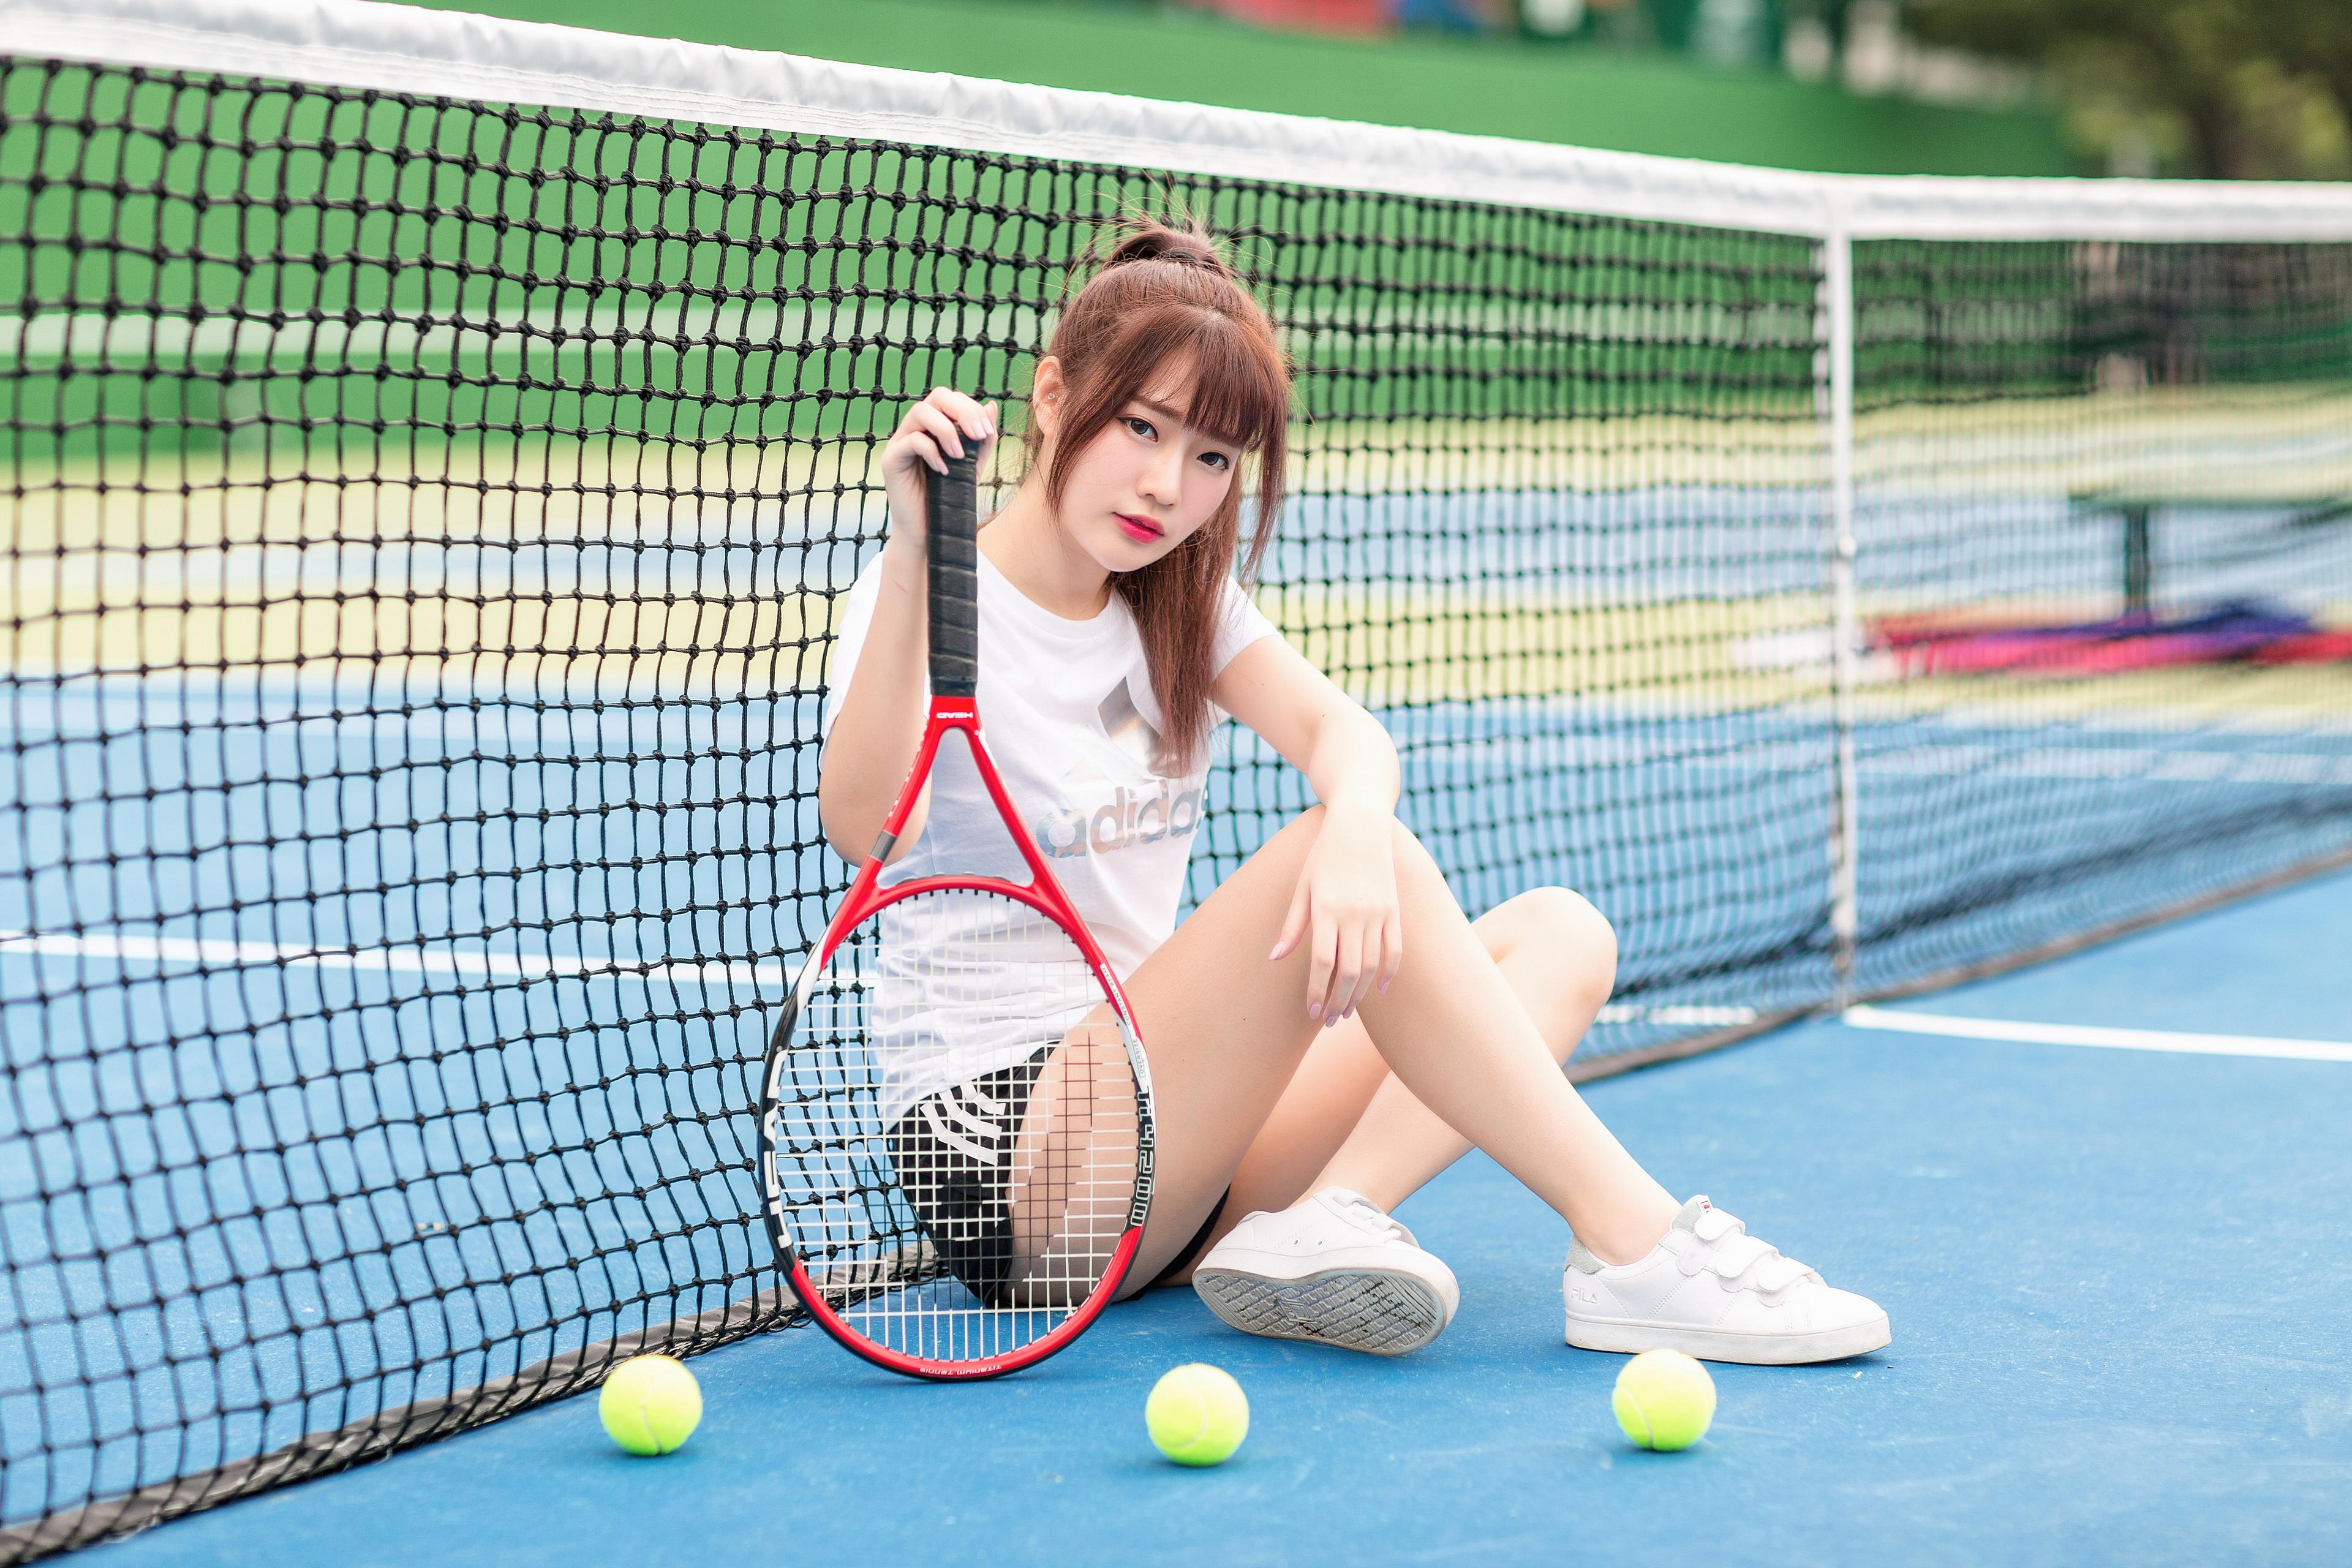 Bilder von Sportnetze junge frau Bein Tennis asiatisches Ball sitzt Blick 3840x2560 Mädchens junge Frauen Asiaten Asiatische sitzen Sitzend Starren